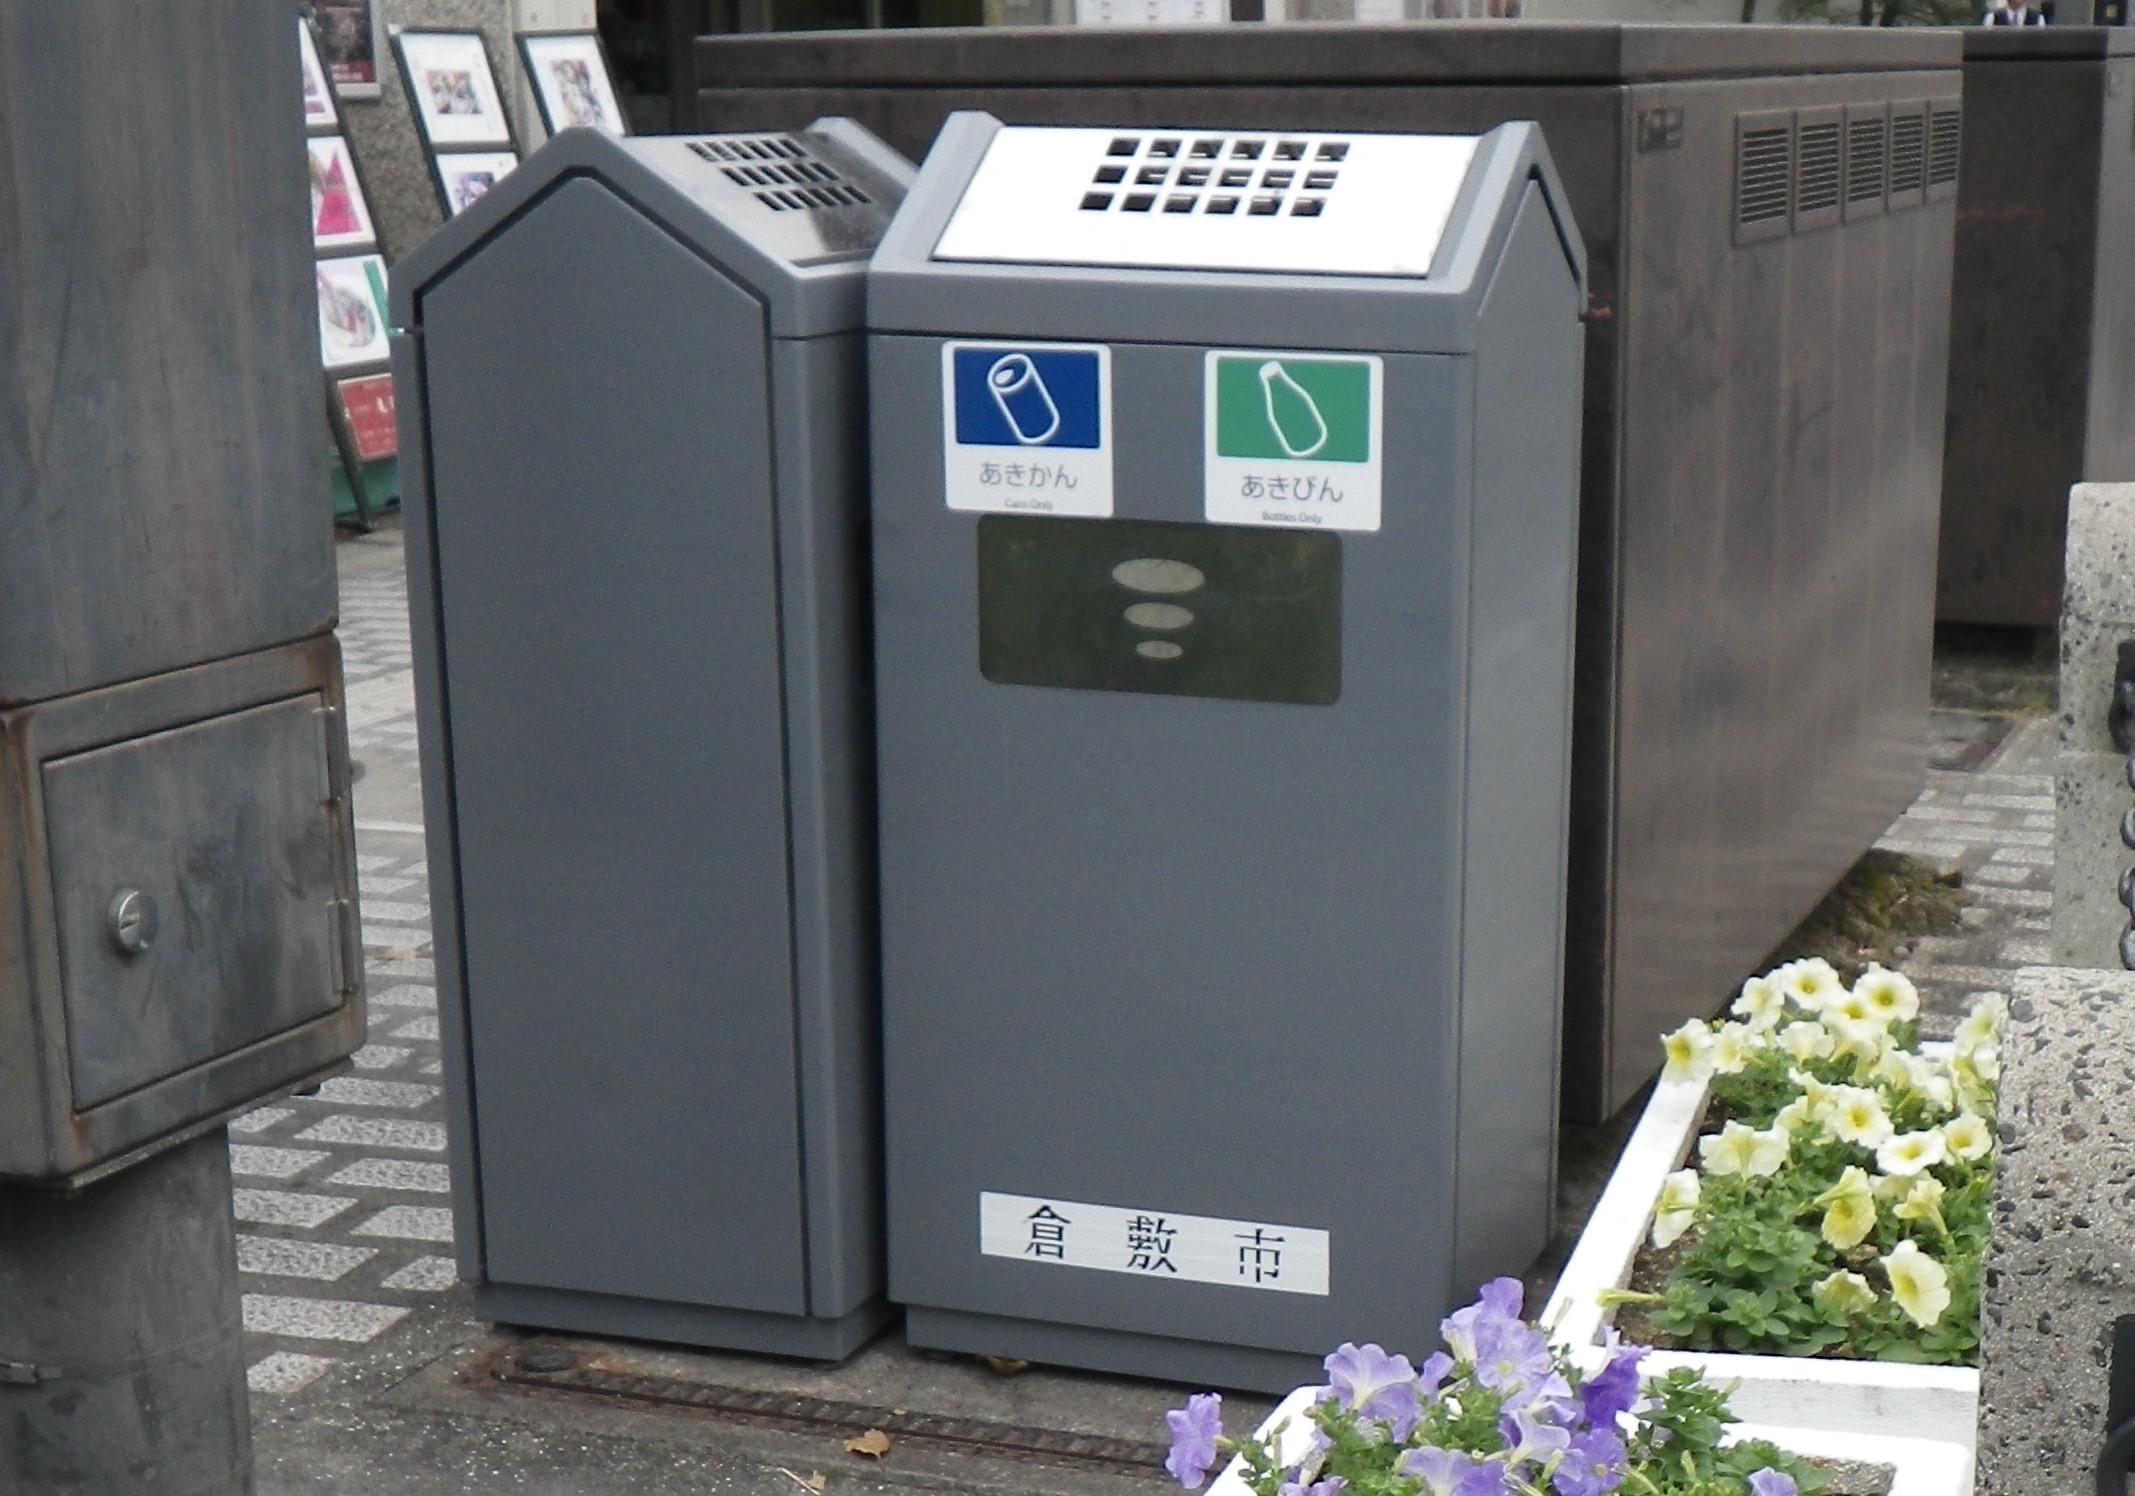 ゴミ 分別 市 倉敷